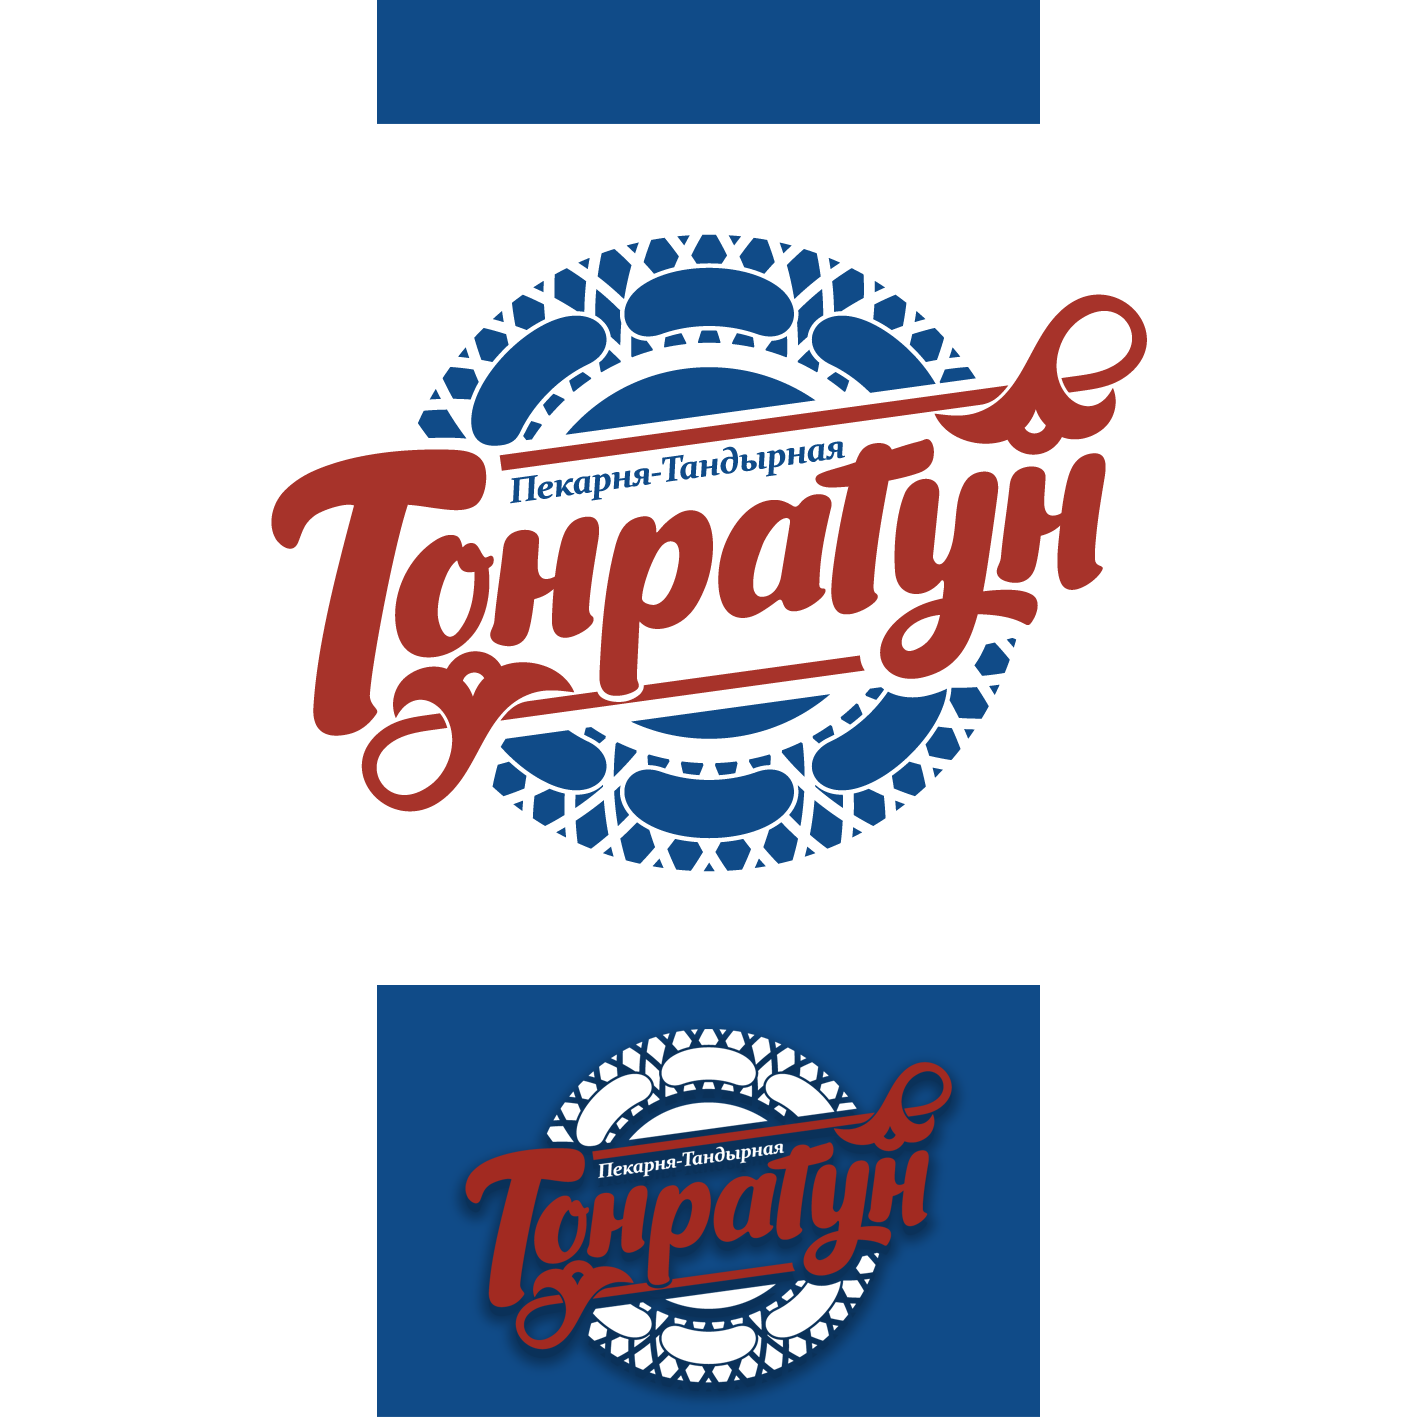 Логотип для Пекарни-Тандырной  фото f_8665d90999453966.png